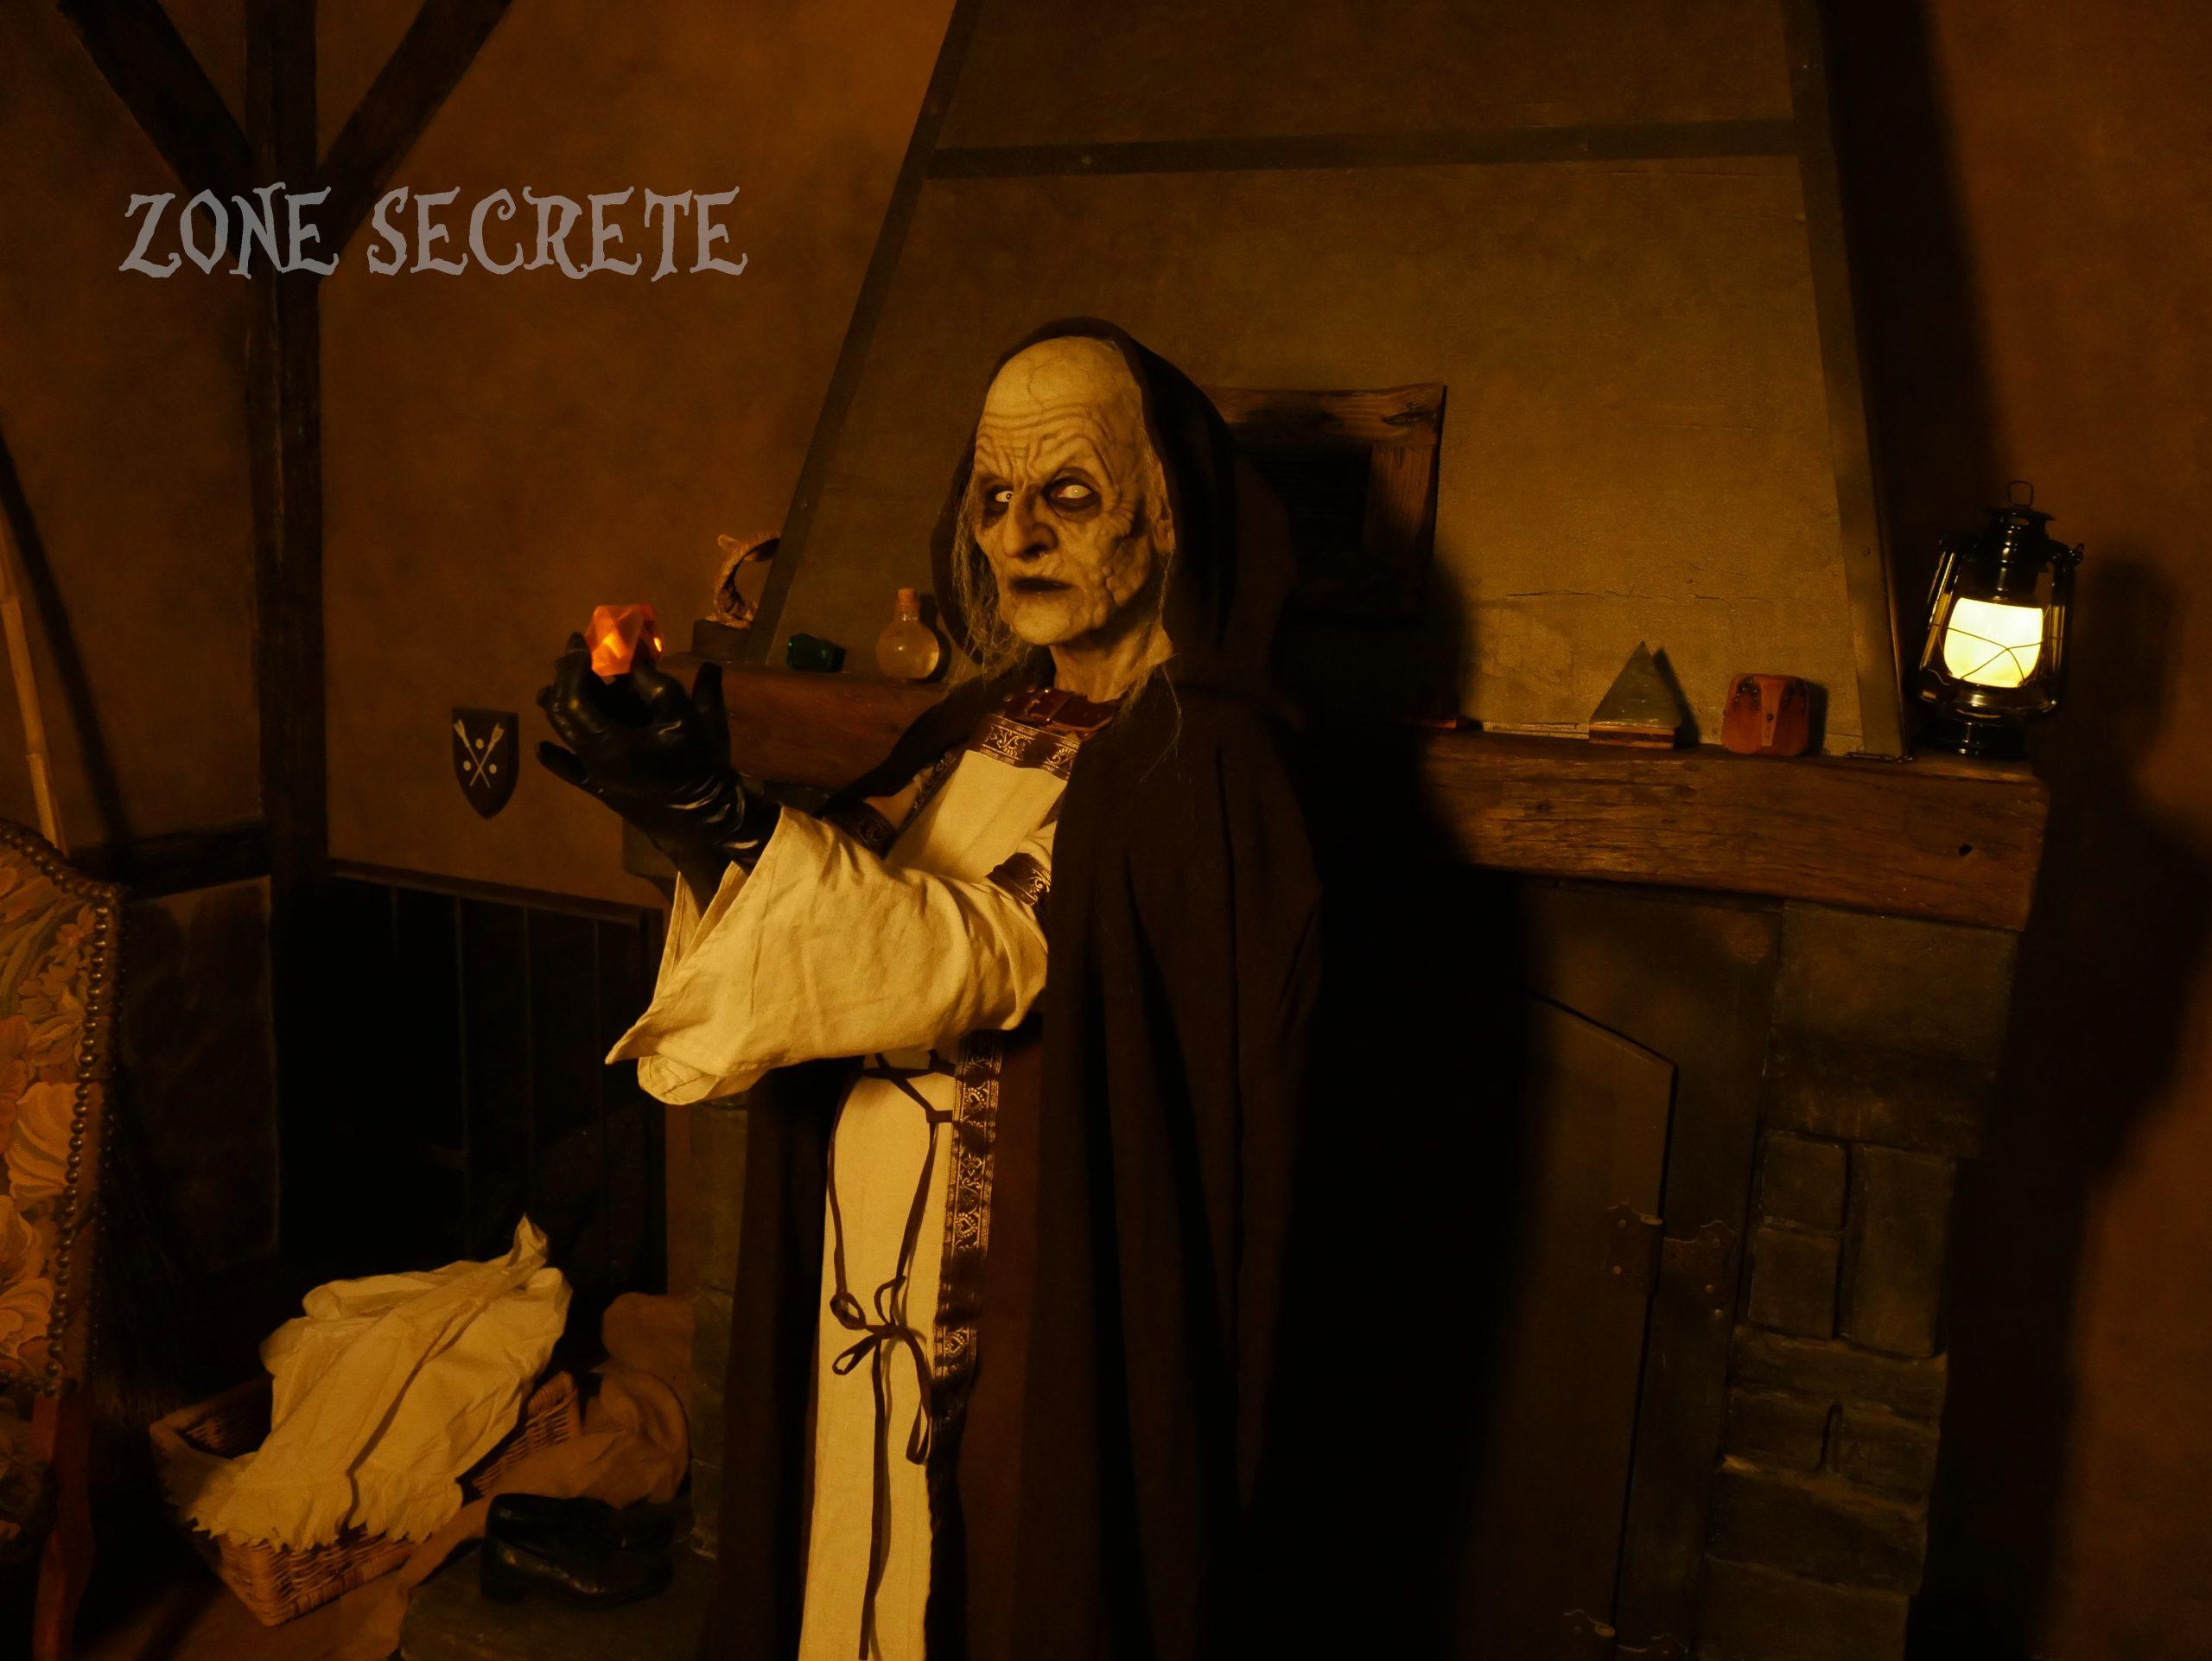 Décoration et sorcière hansel et gretel escape game.